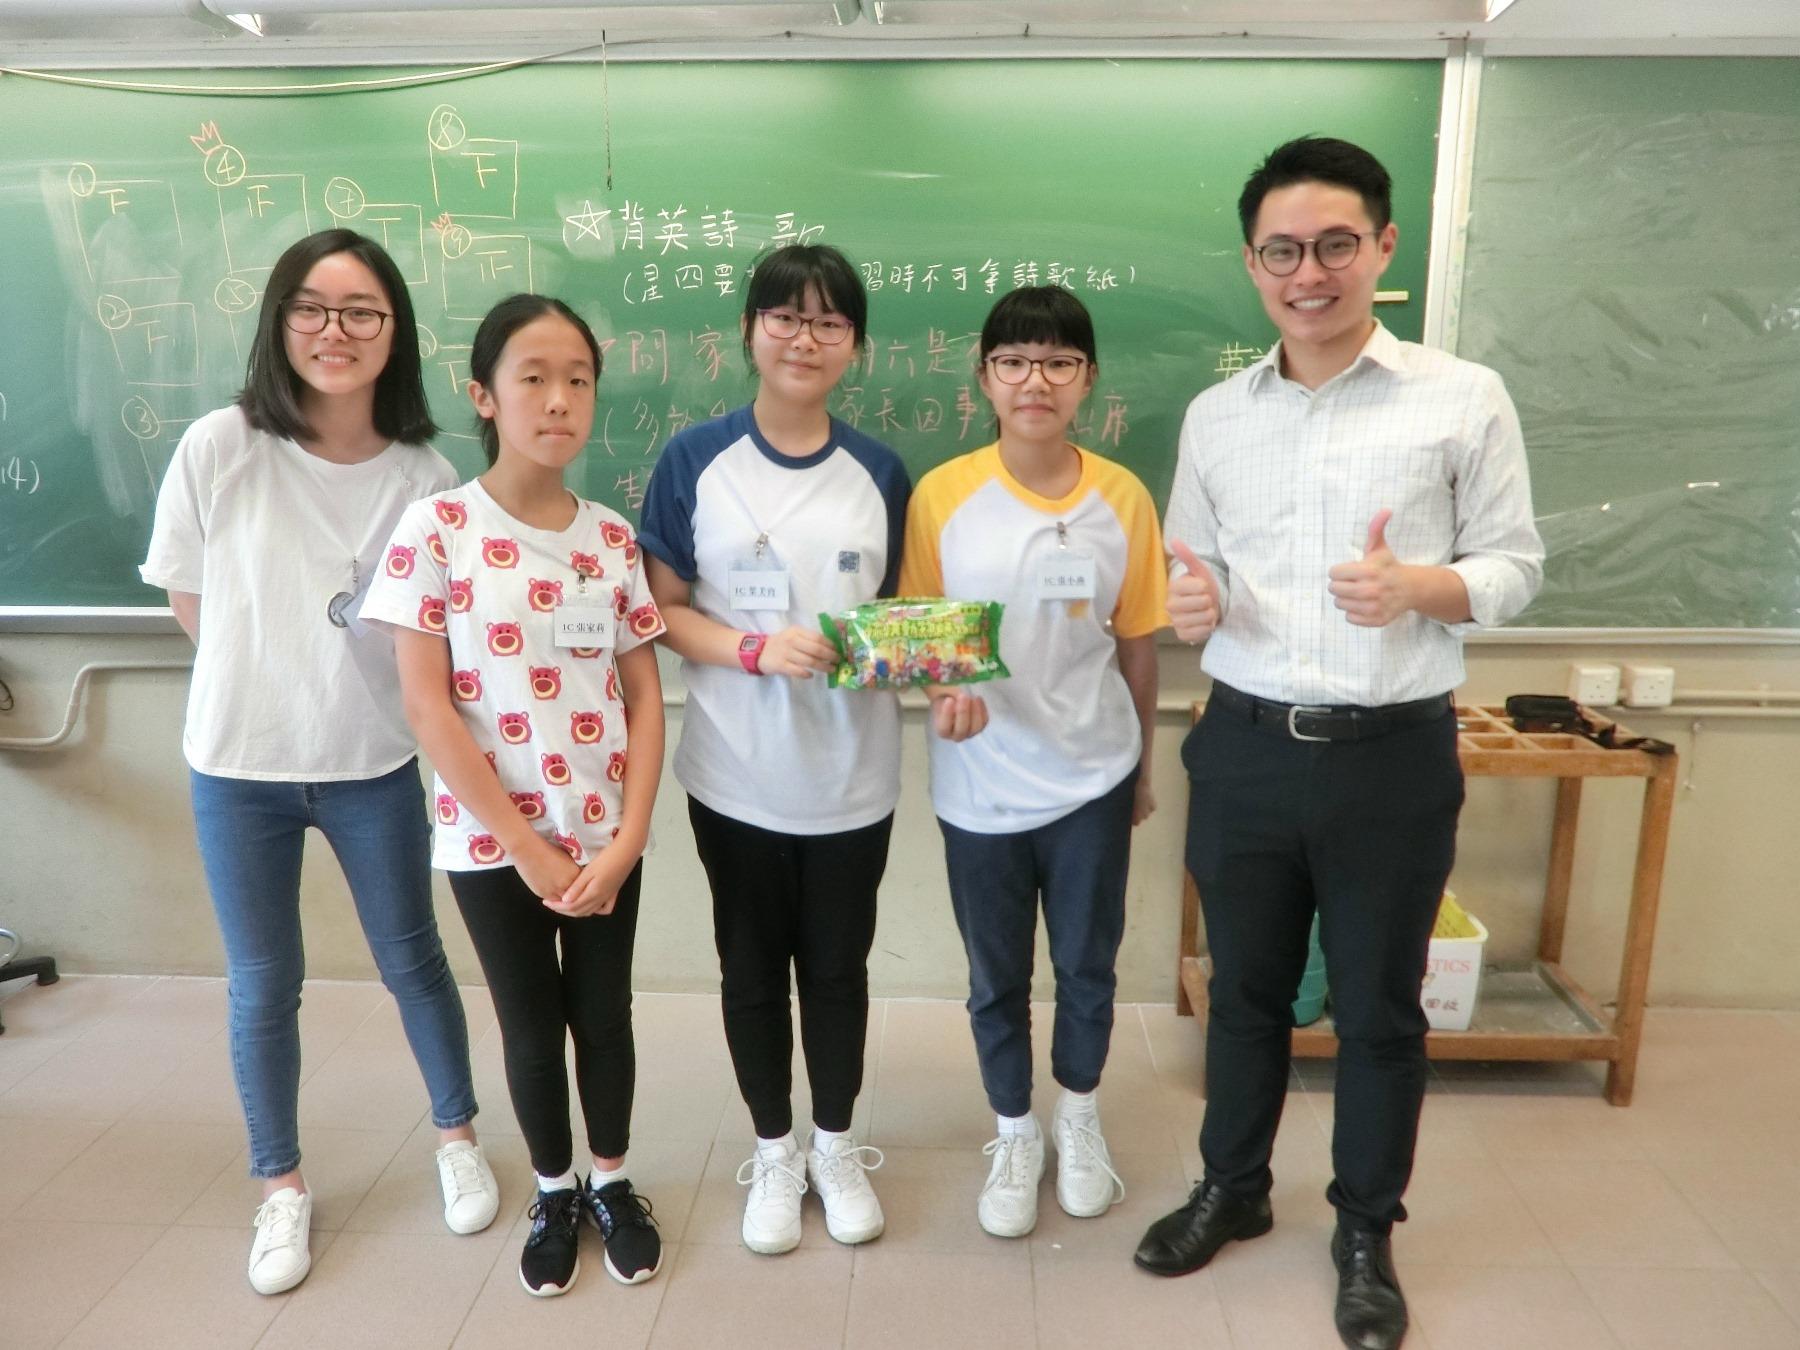 http://www.npc.edu.hk/sites/default/files/1c_dong_dong_nao_jin_da_bi_pin_05.jpg